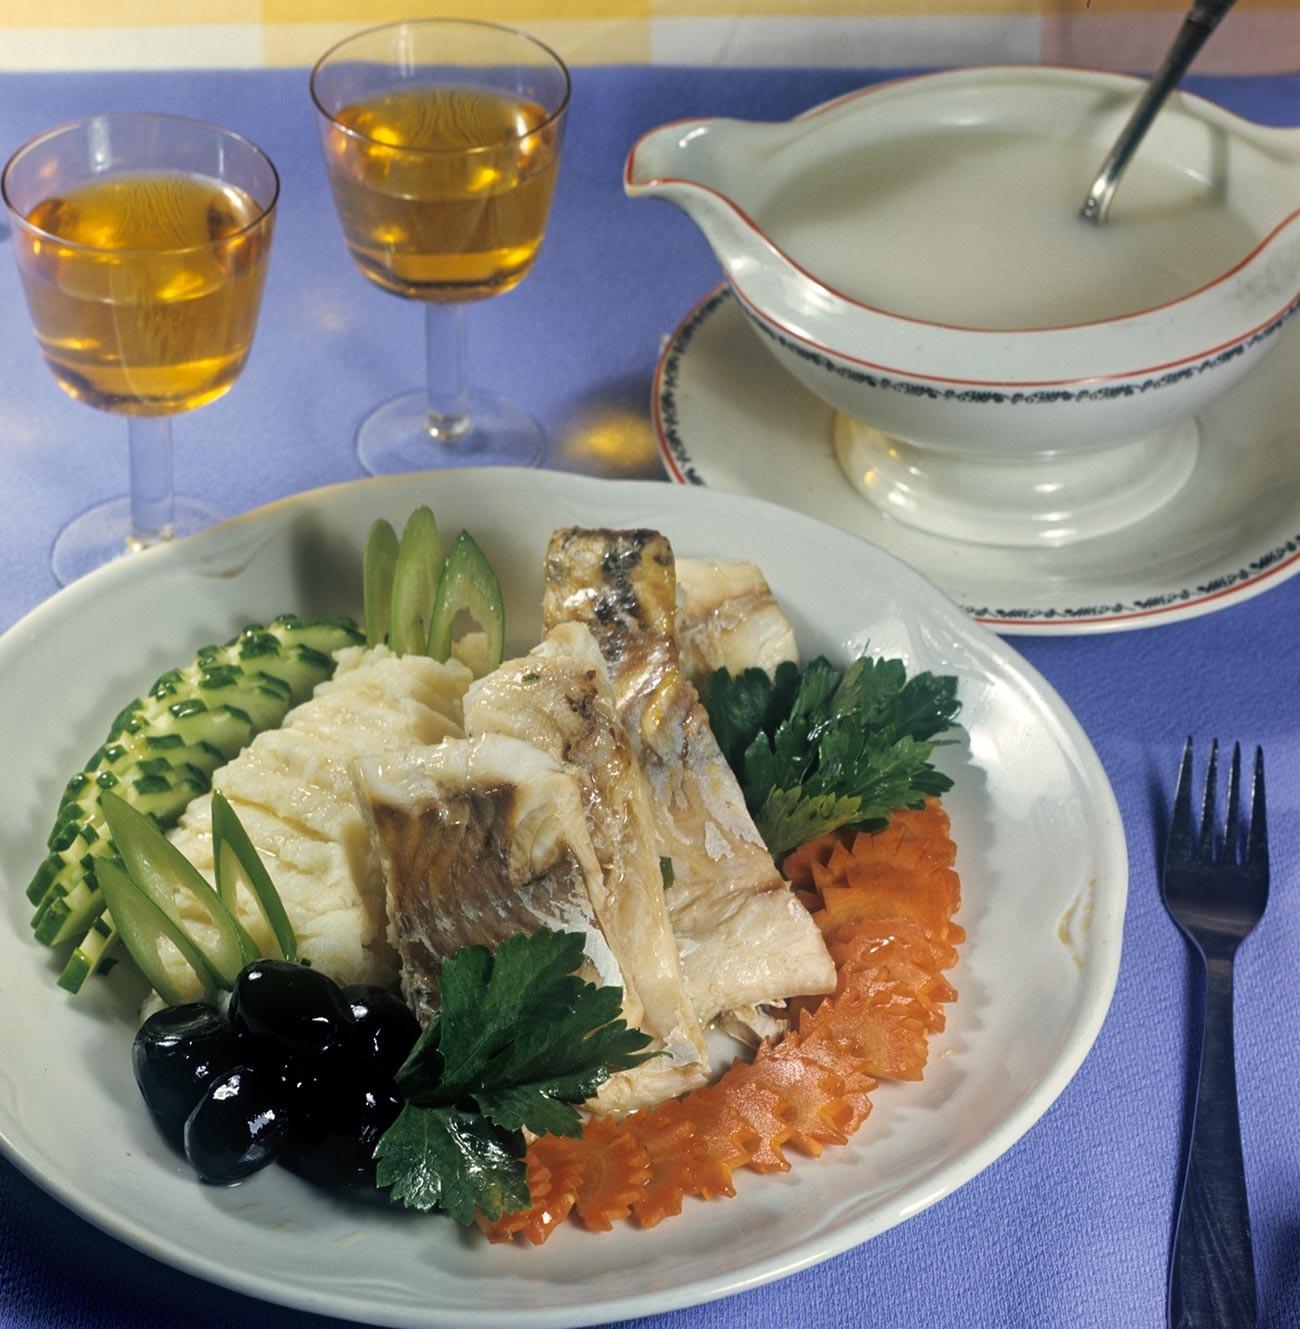 Рыбное блюдо в ресторане.